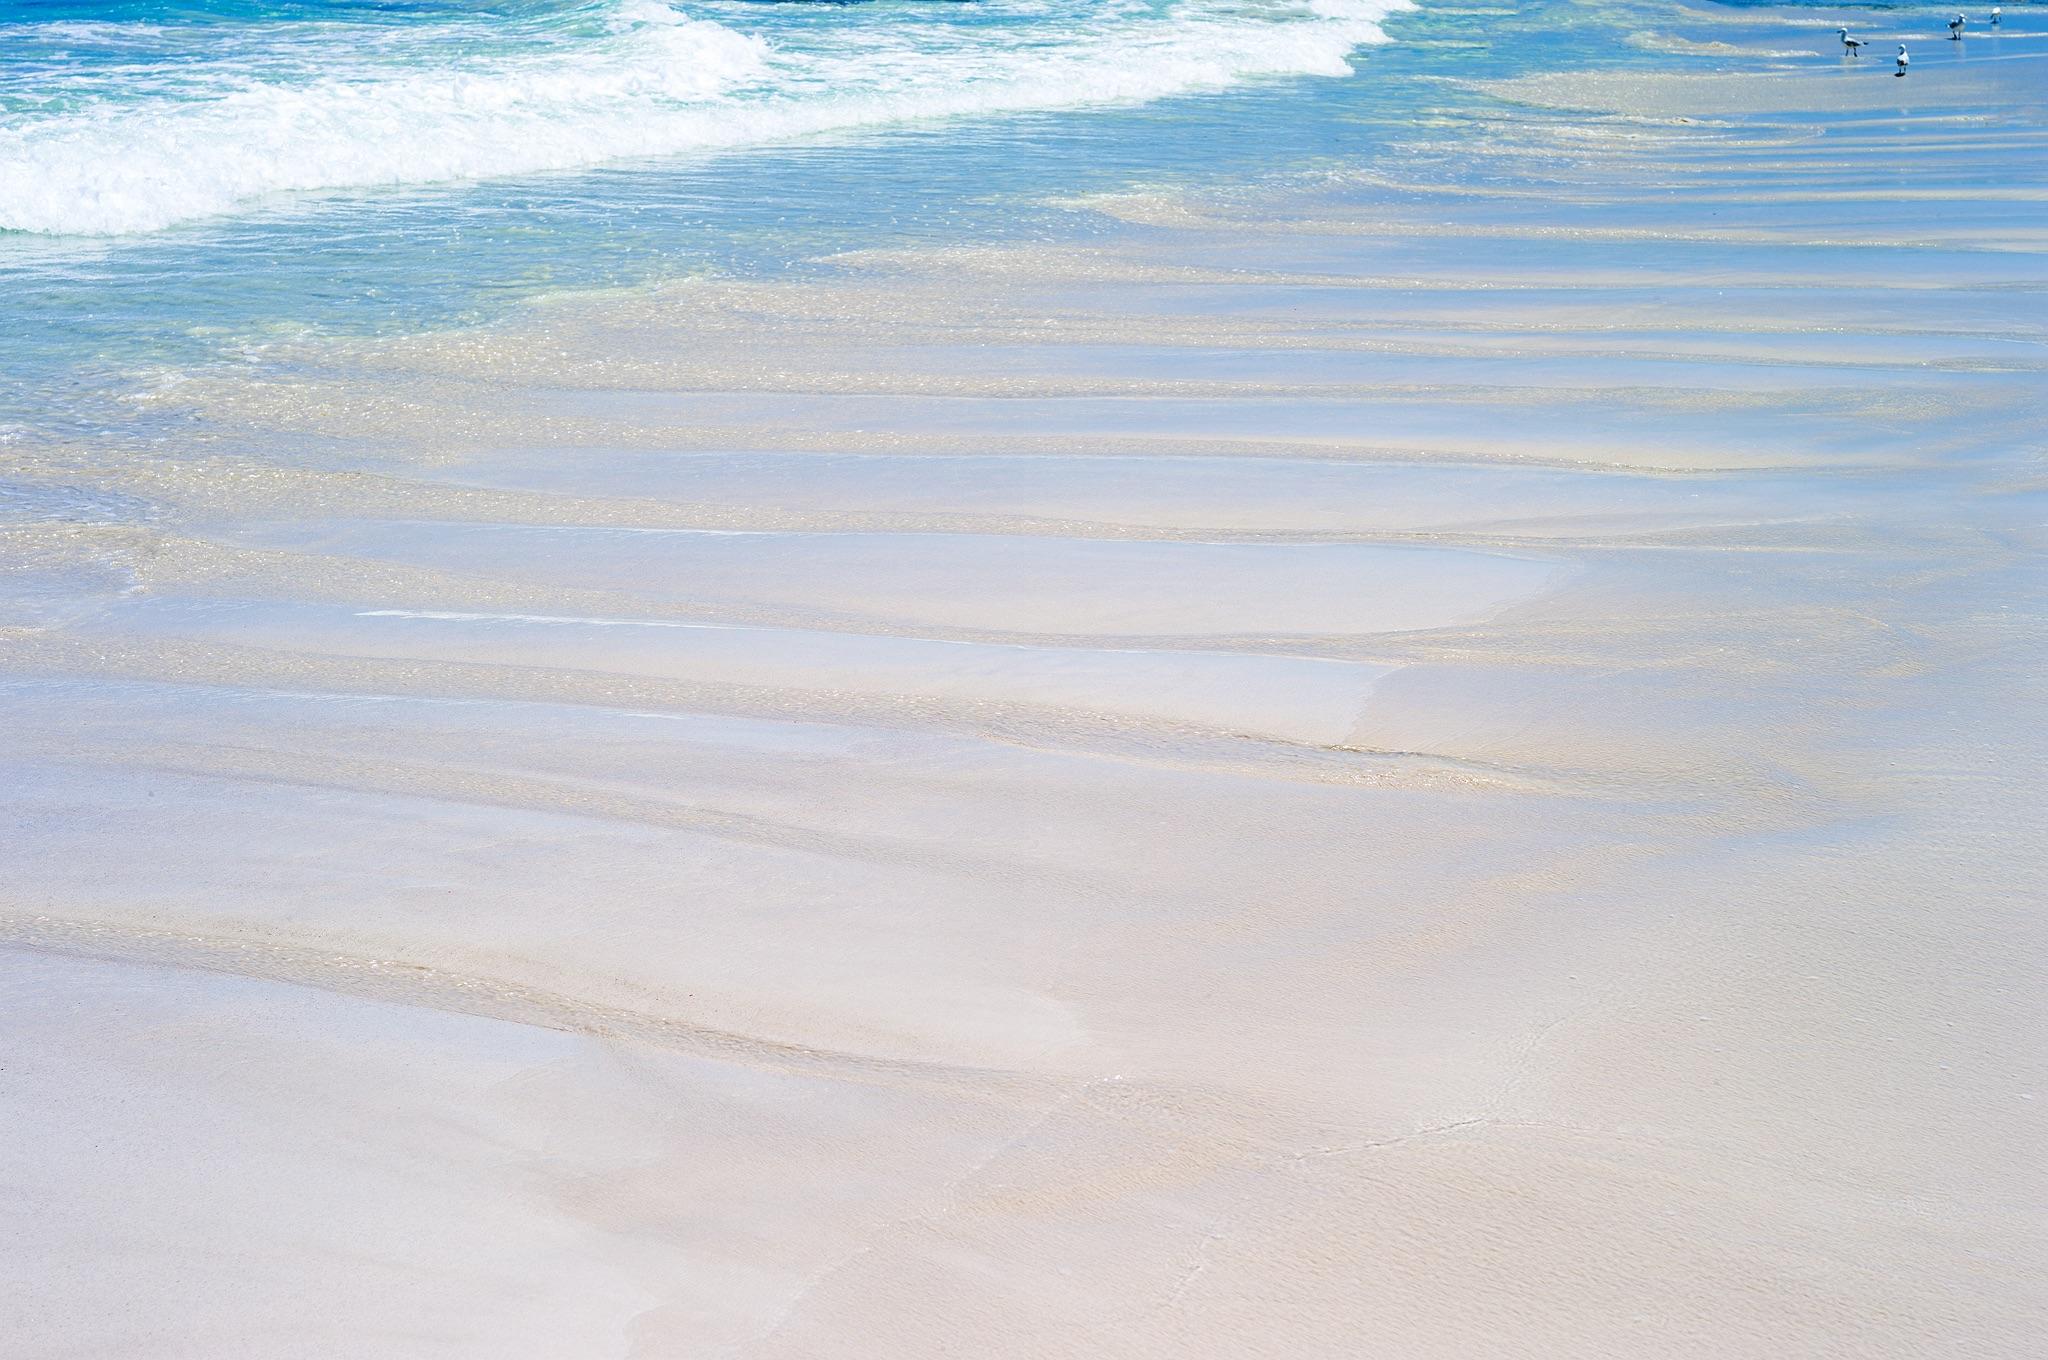 mullaloo_beach_perth_08